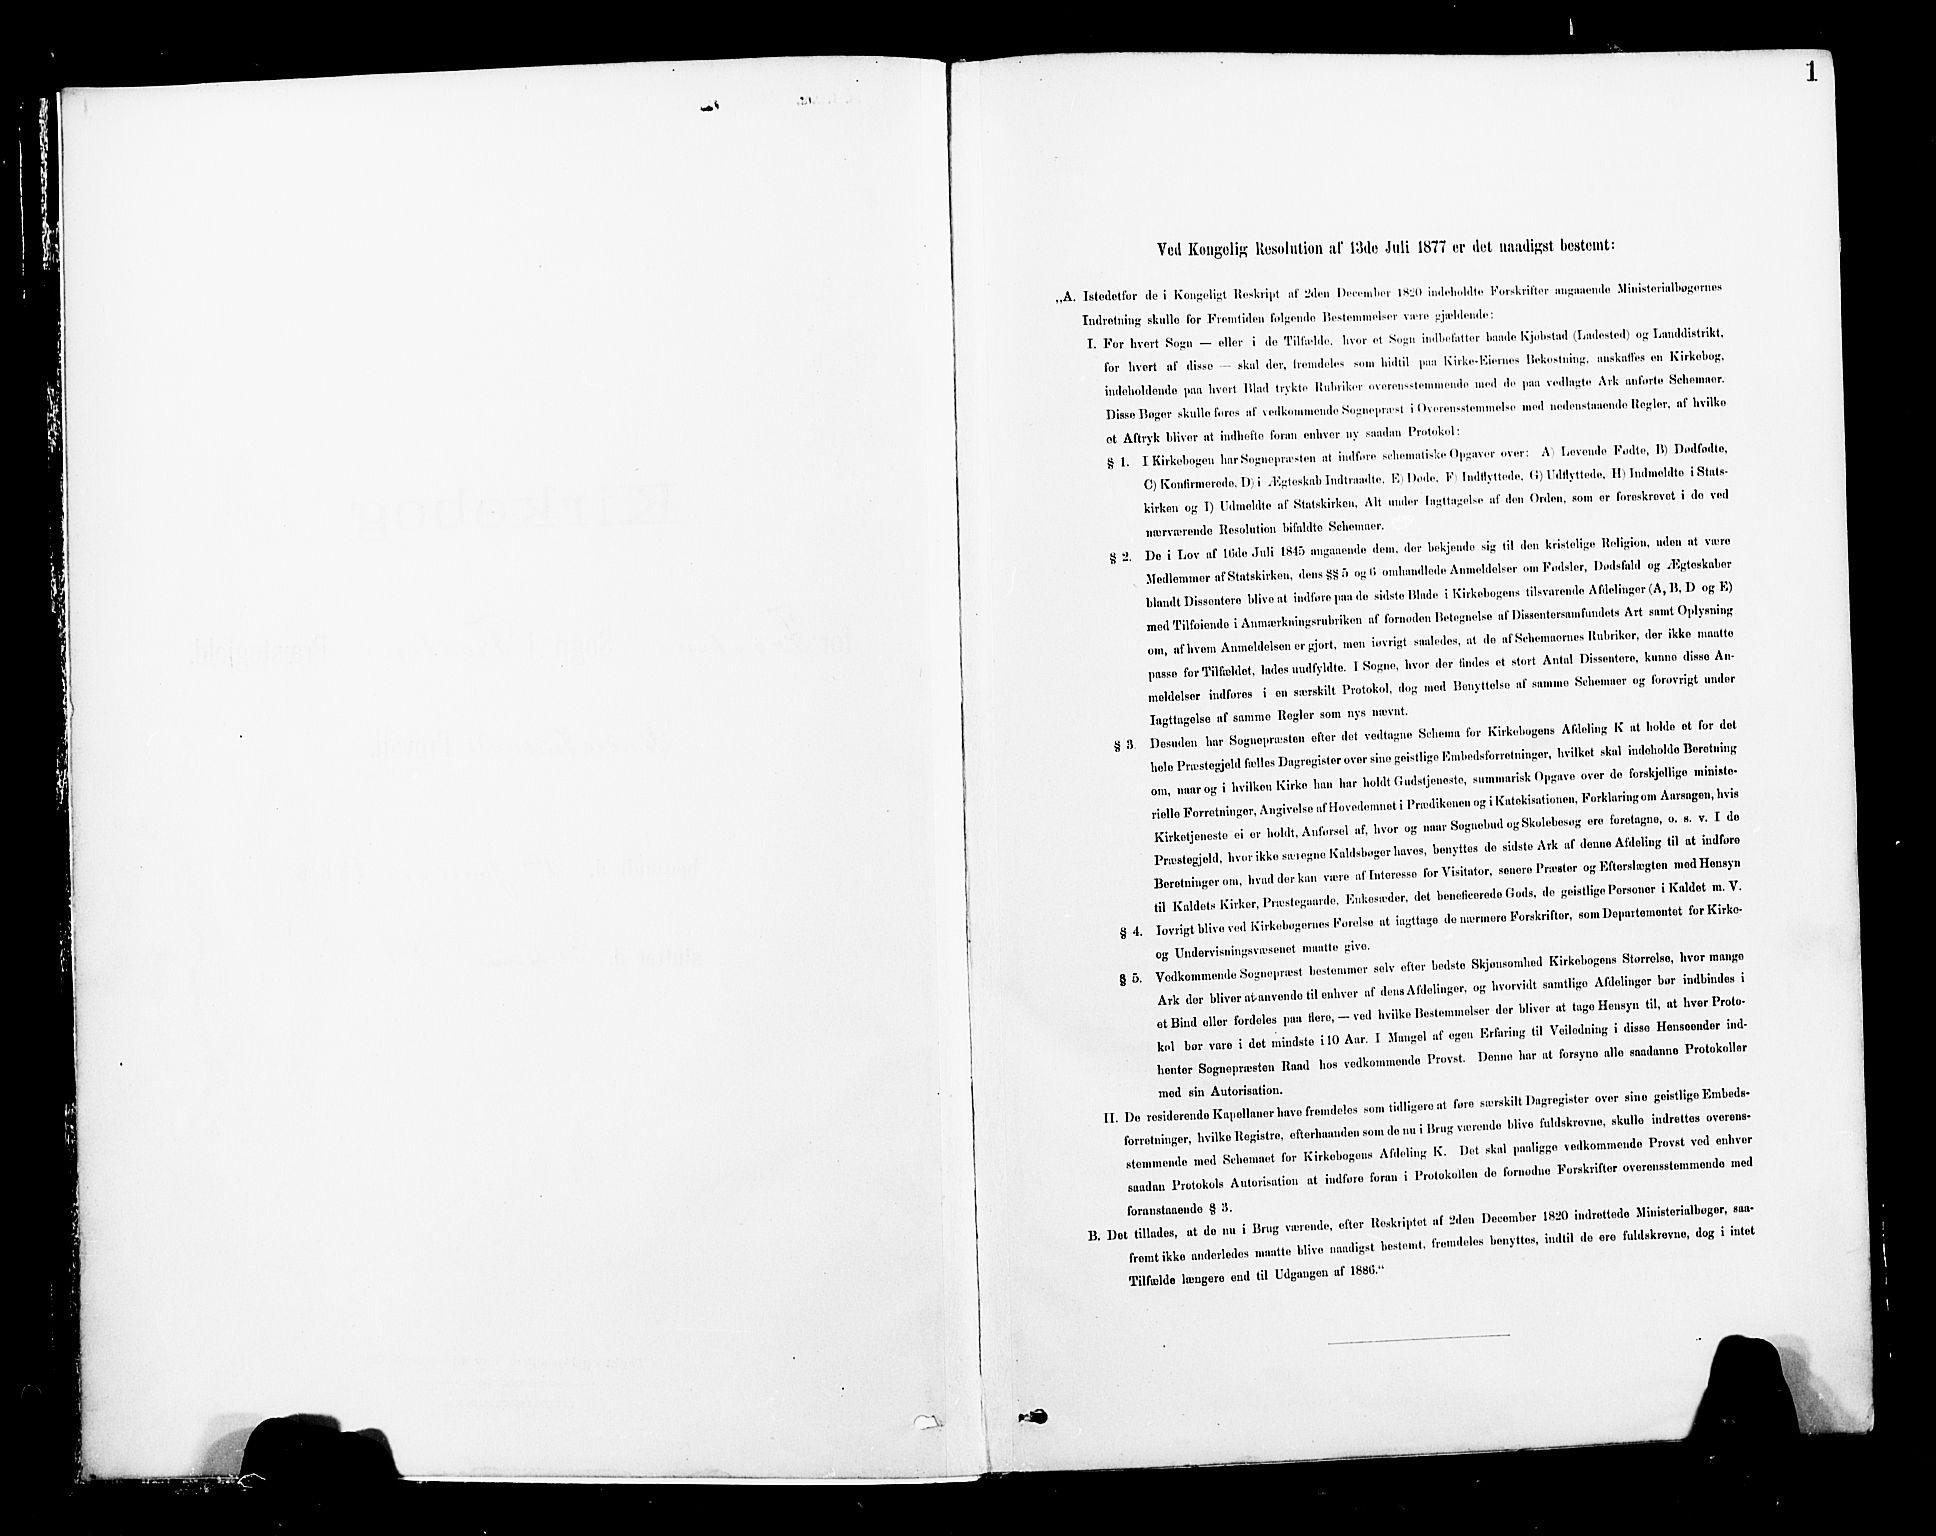 SAT, Ministerialprotokoller, klokkerbøker og fødselsregistre - Nord-Trøndelag, 713/L0121: Ministerialbok nr. 713A10, 1888-1898, s. 1